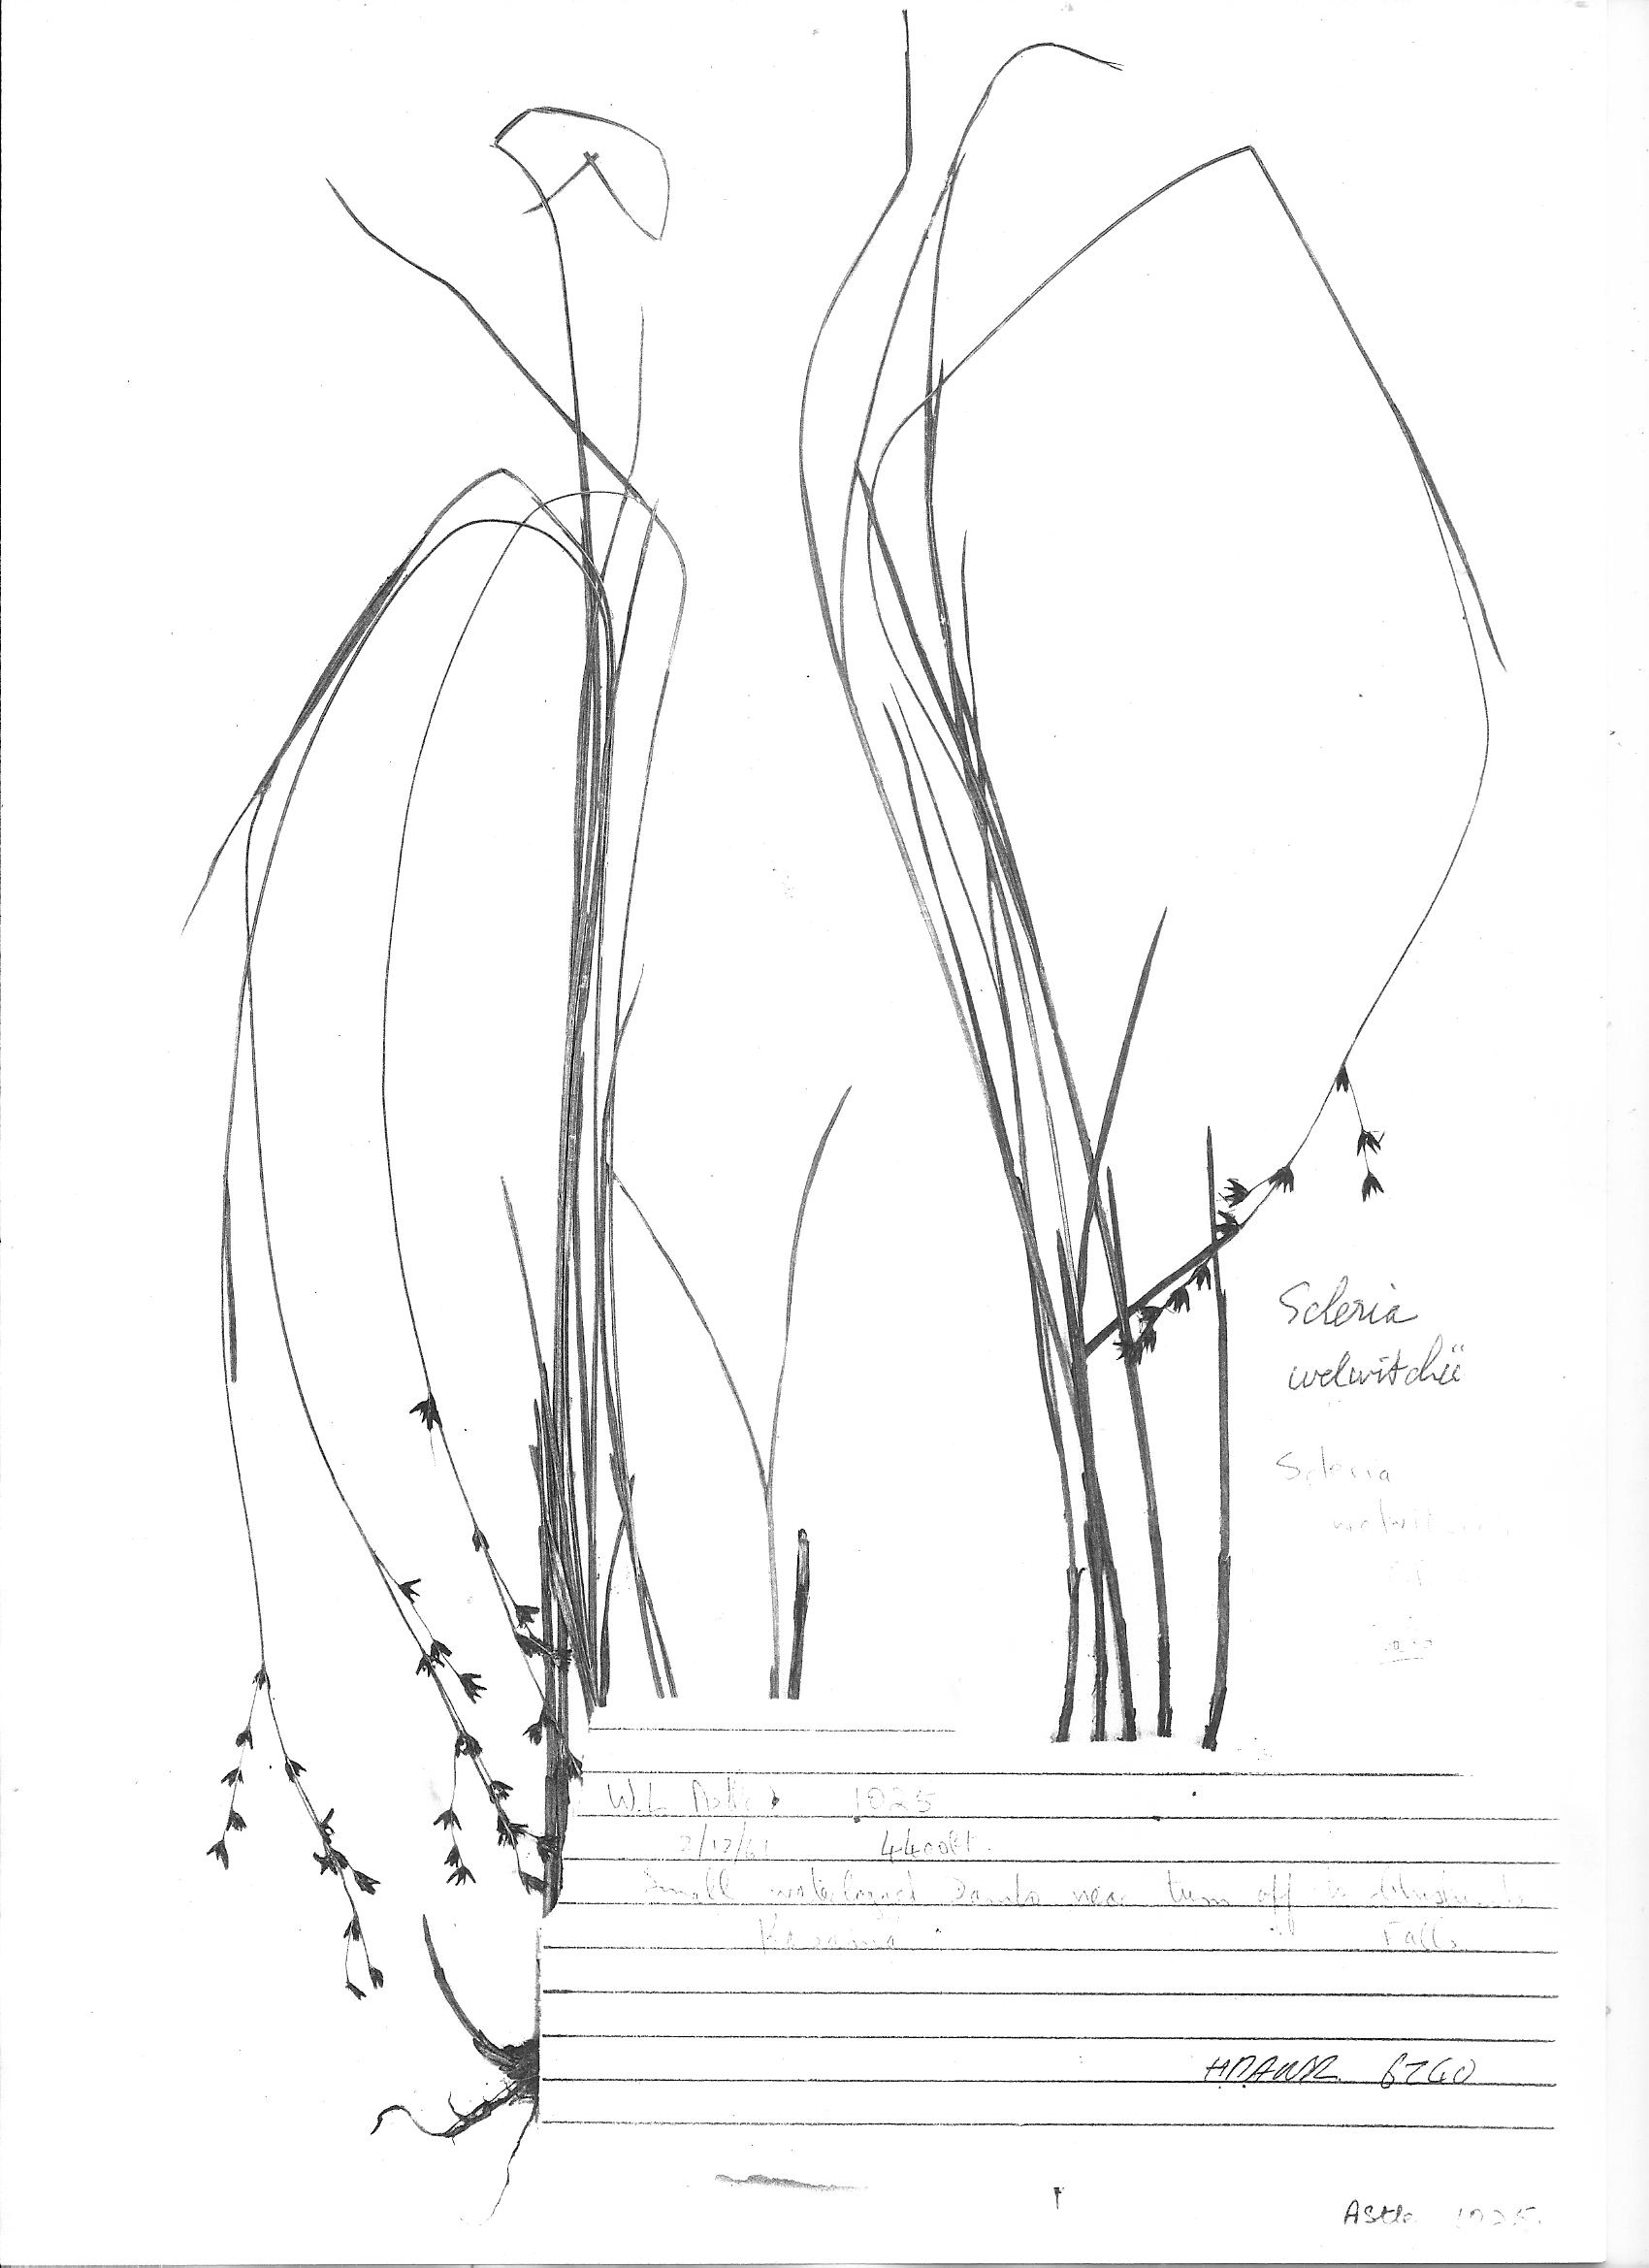 Scleria welwitschii